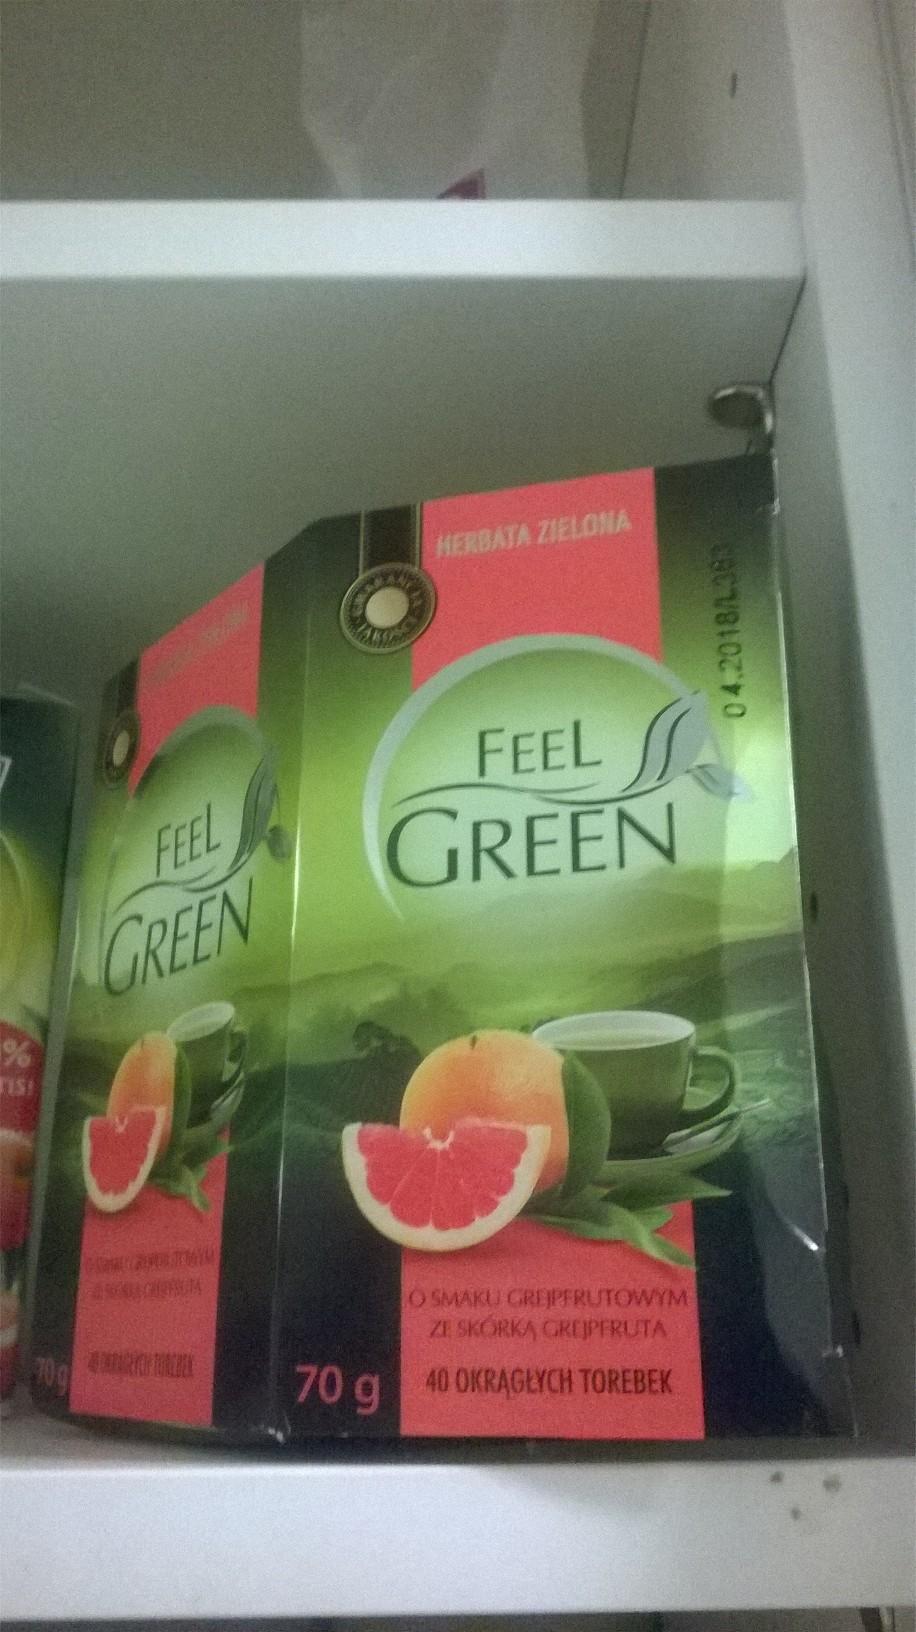 feel green zielona herbata biedronka grapeifruit